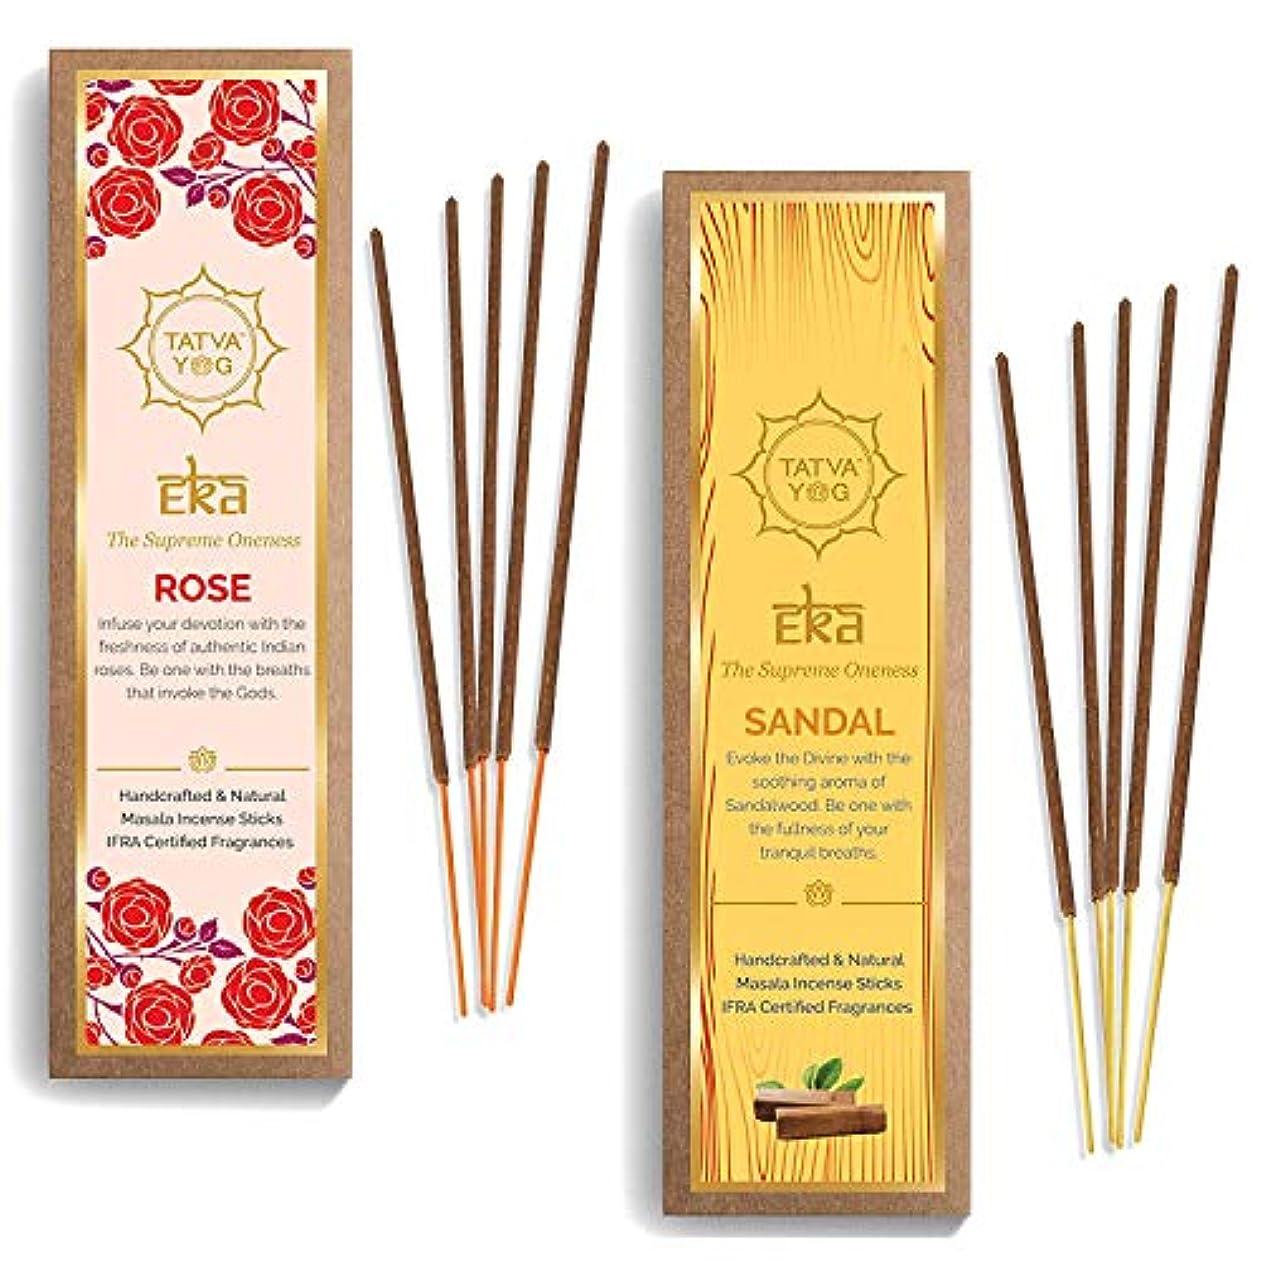 マッシュ延ばす駐地Tatva YOG - Eka Rose and Sandal Handcrafted Natural Masala Incense Sticks